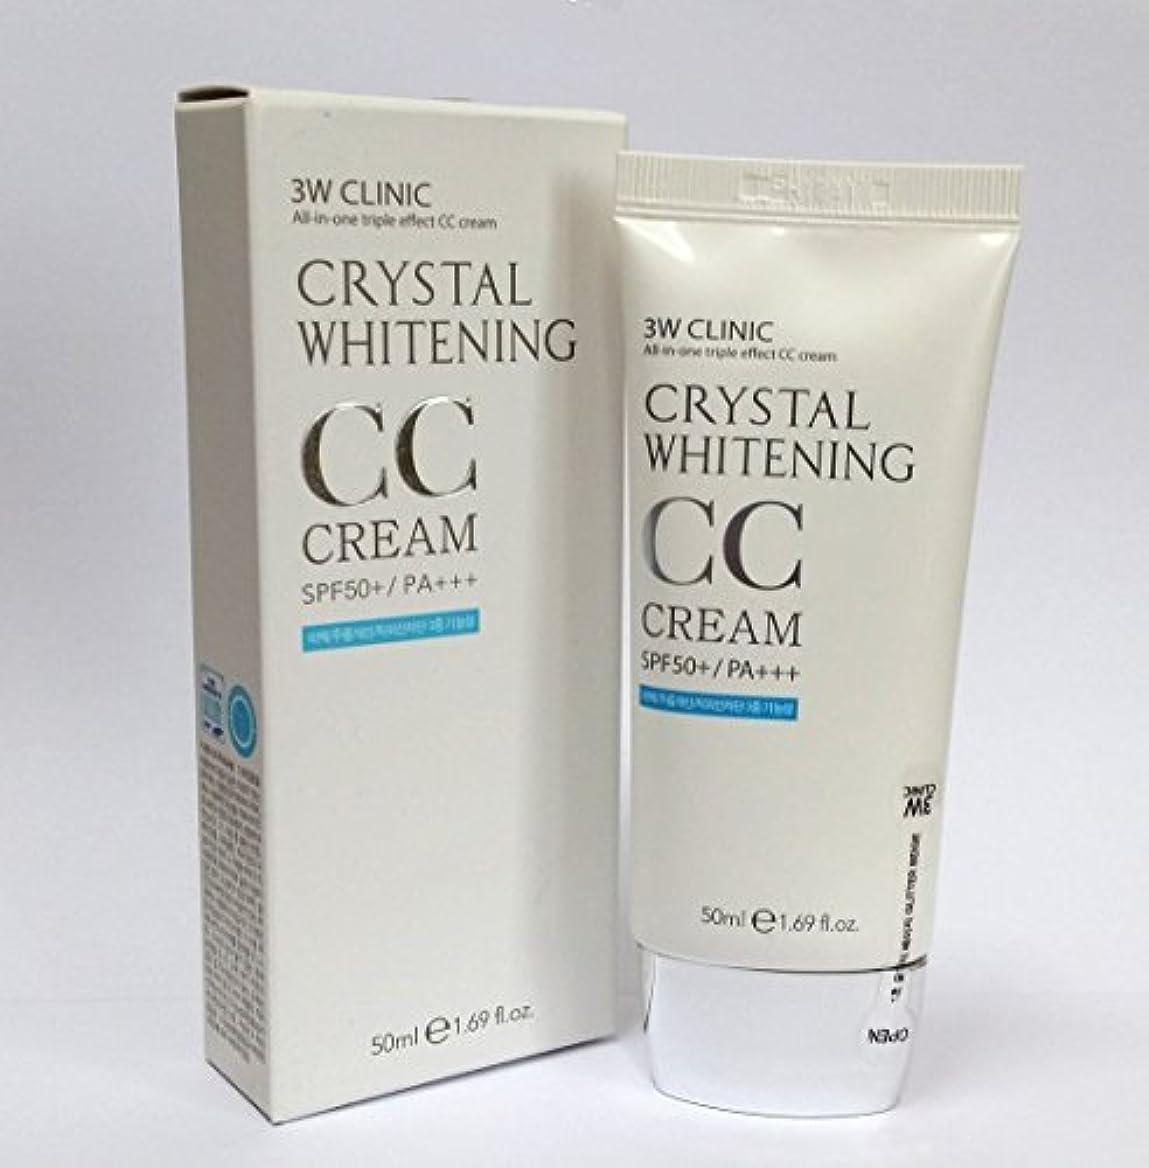 ふりをする自己尊重仮定[3W CLINIC] クリスタルホワイトニングCCクリーム50ml SPF50 PA +++ / #02 Natural Beige / Crystal Whitening CC Cream 50ml SPF50 PA...